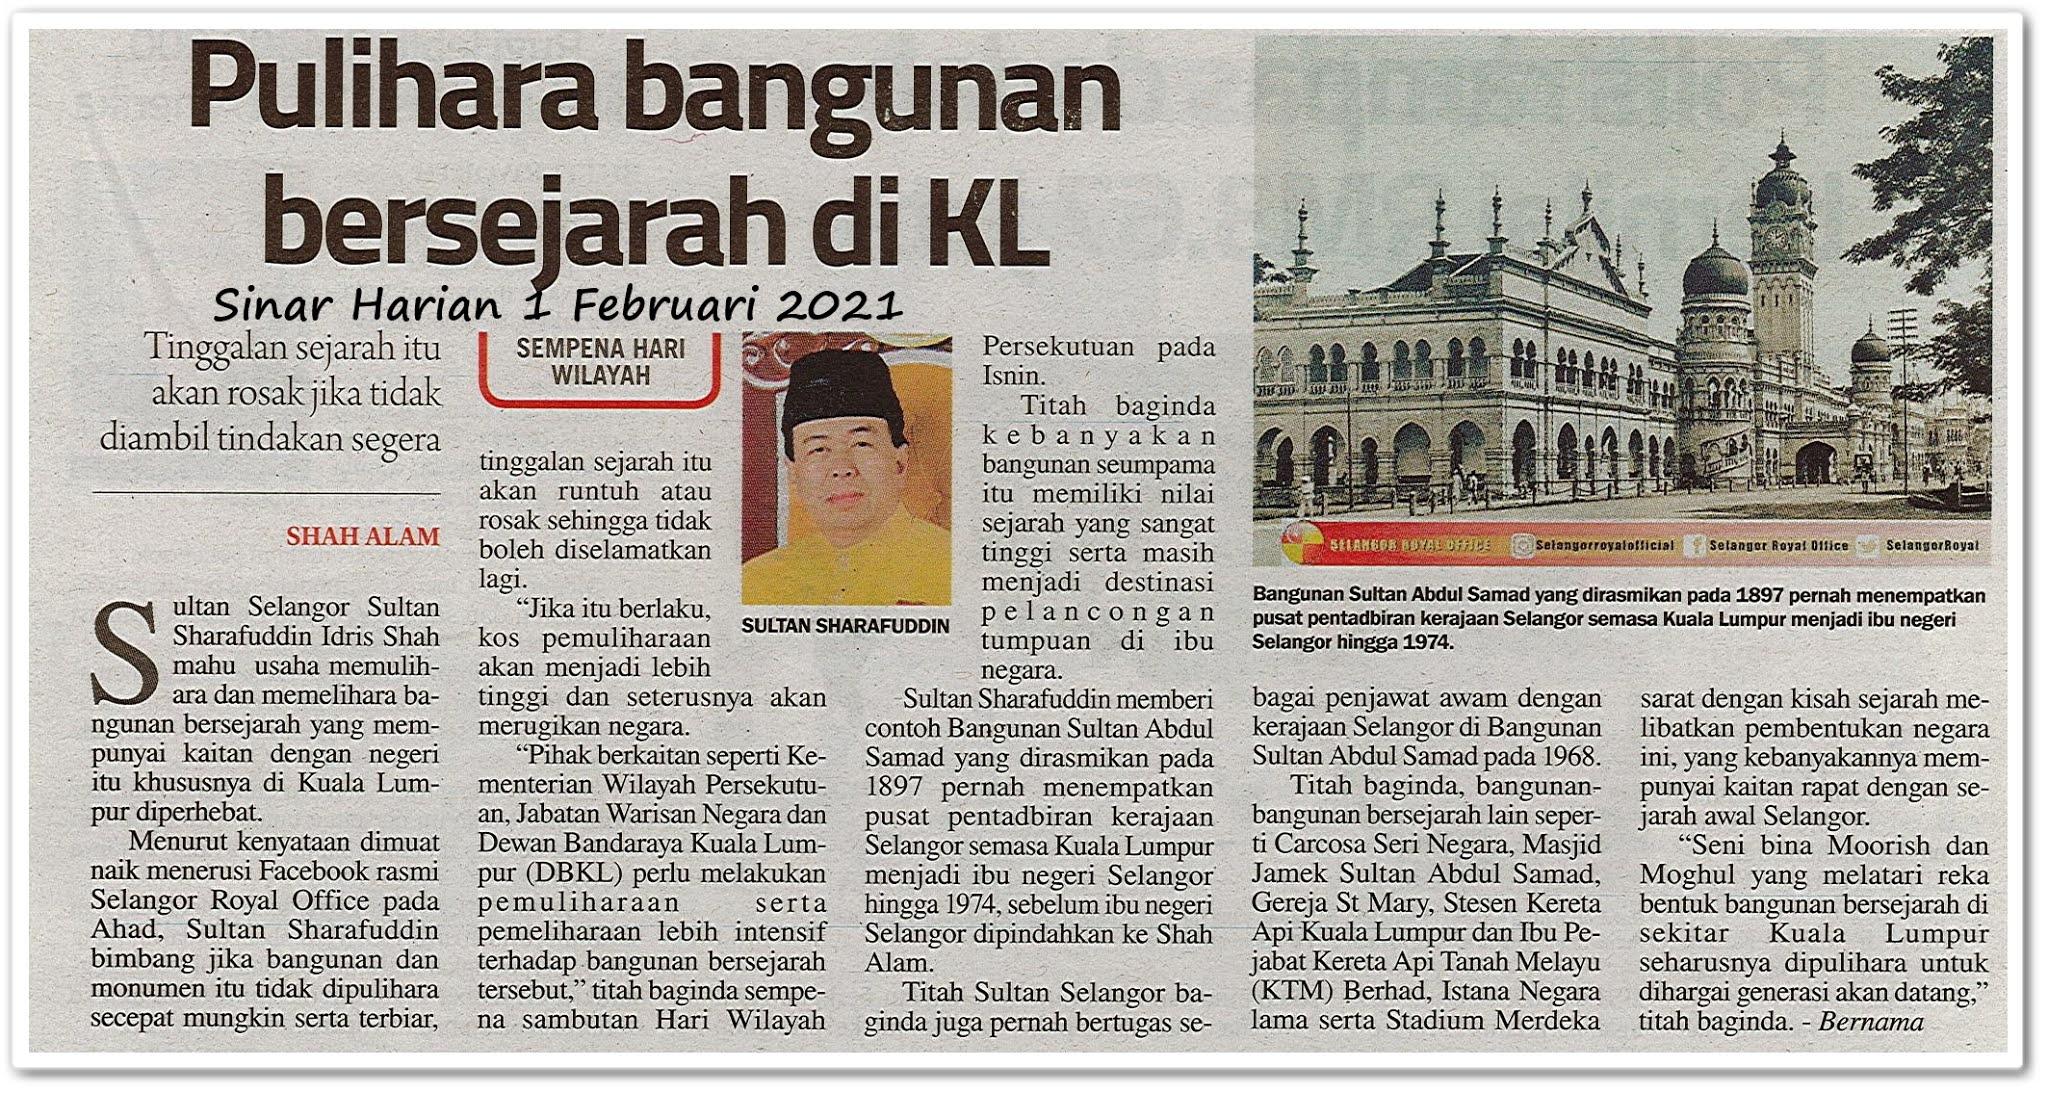 Pulihara bangunan bersejarah di KL - Keratan akhbar Sinar Harian 1 Februari 2021